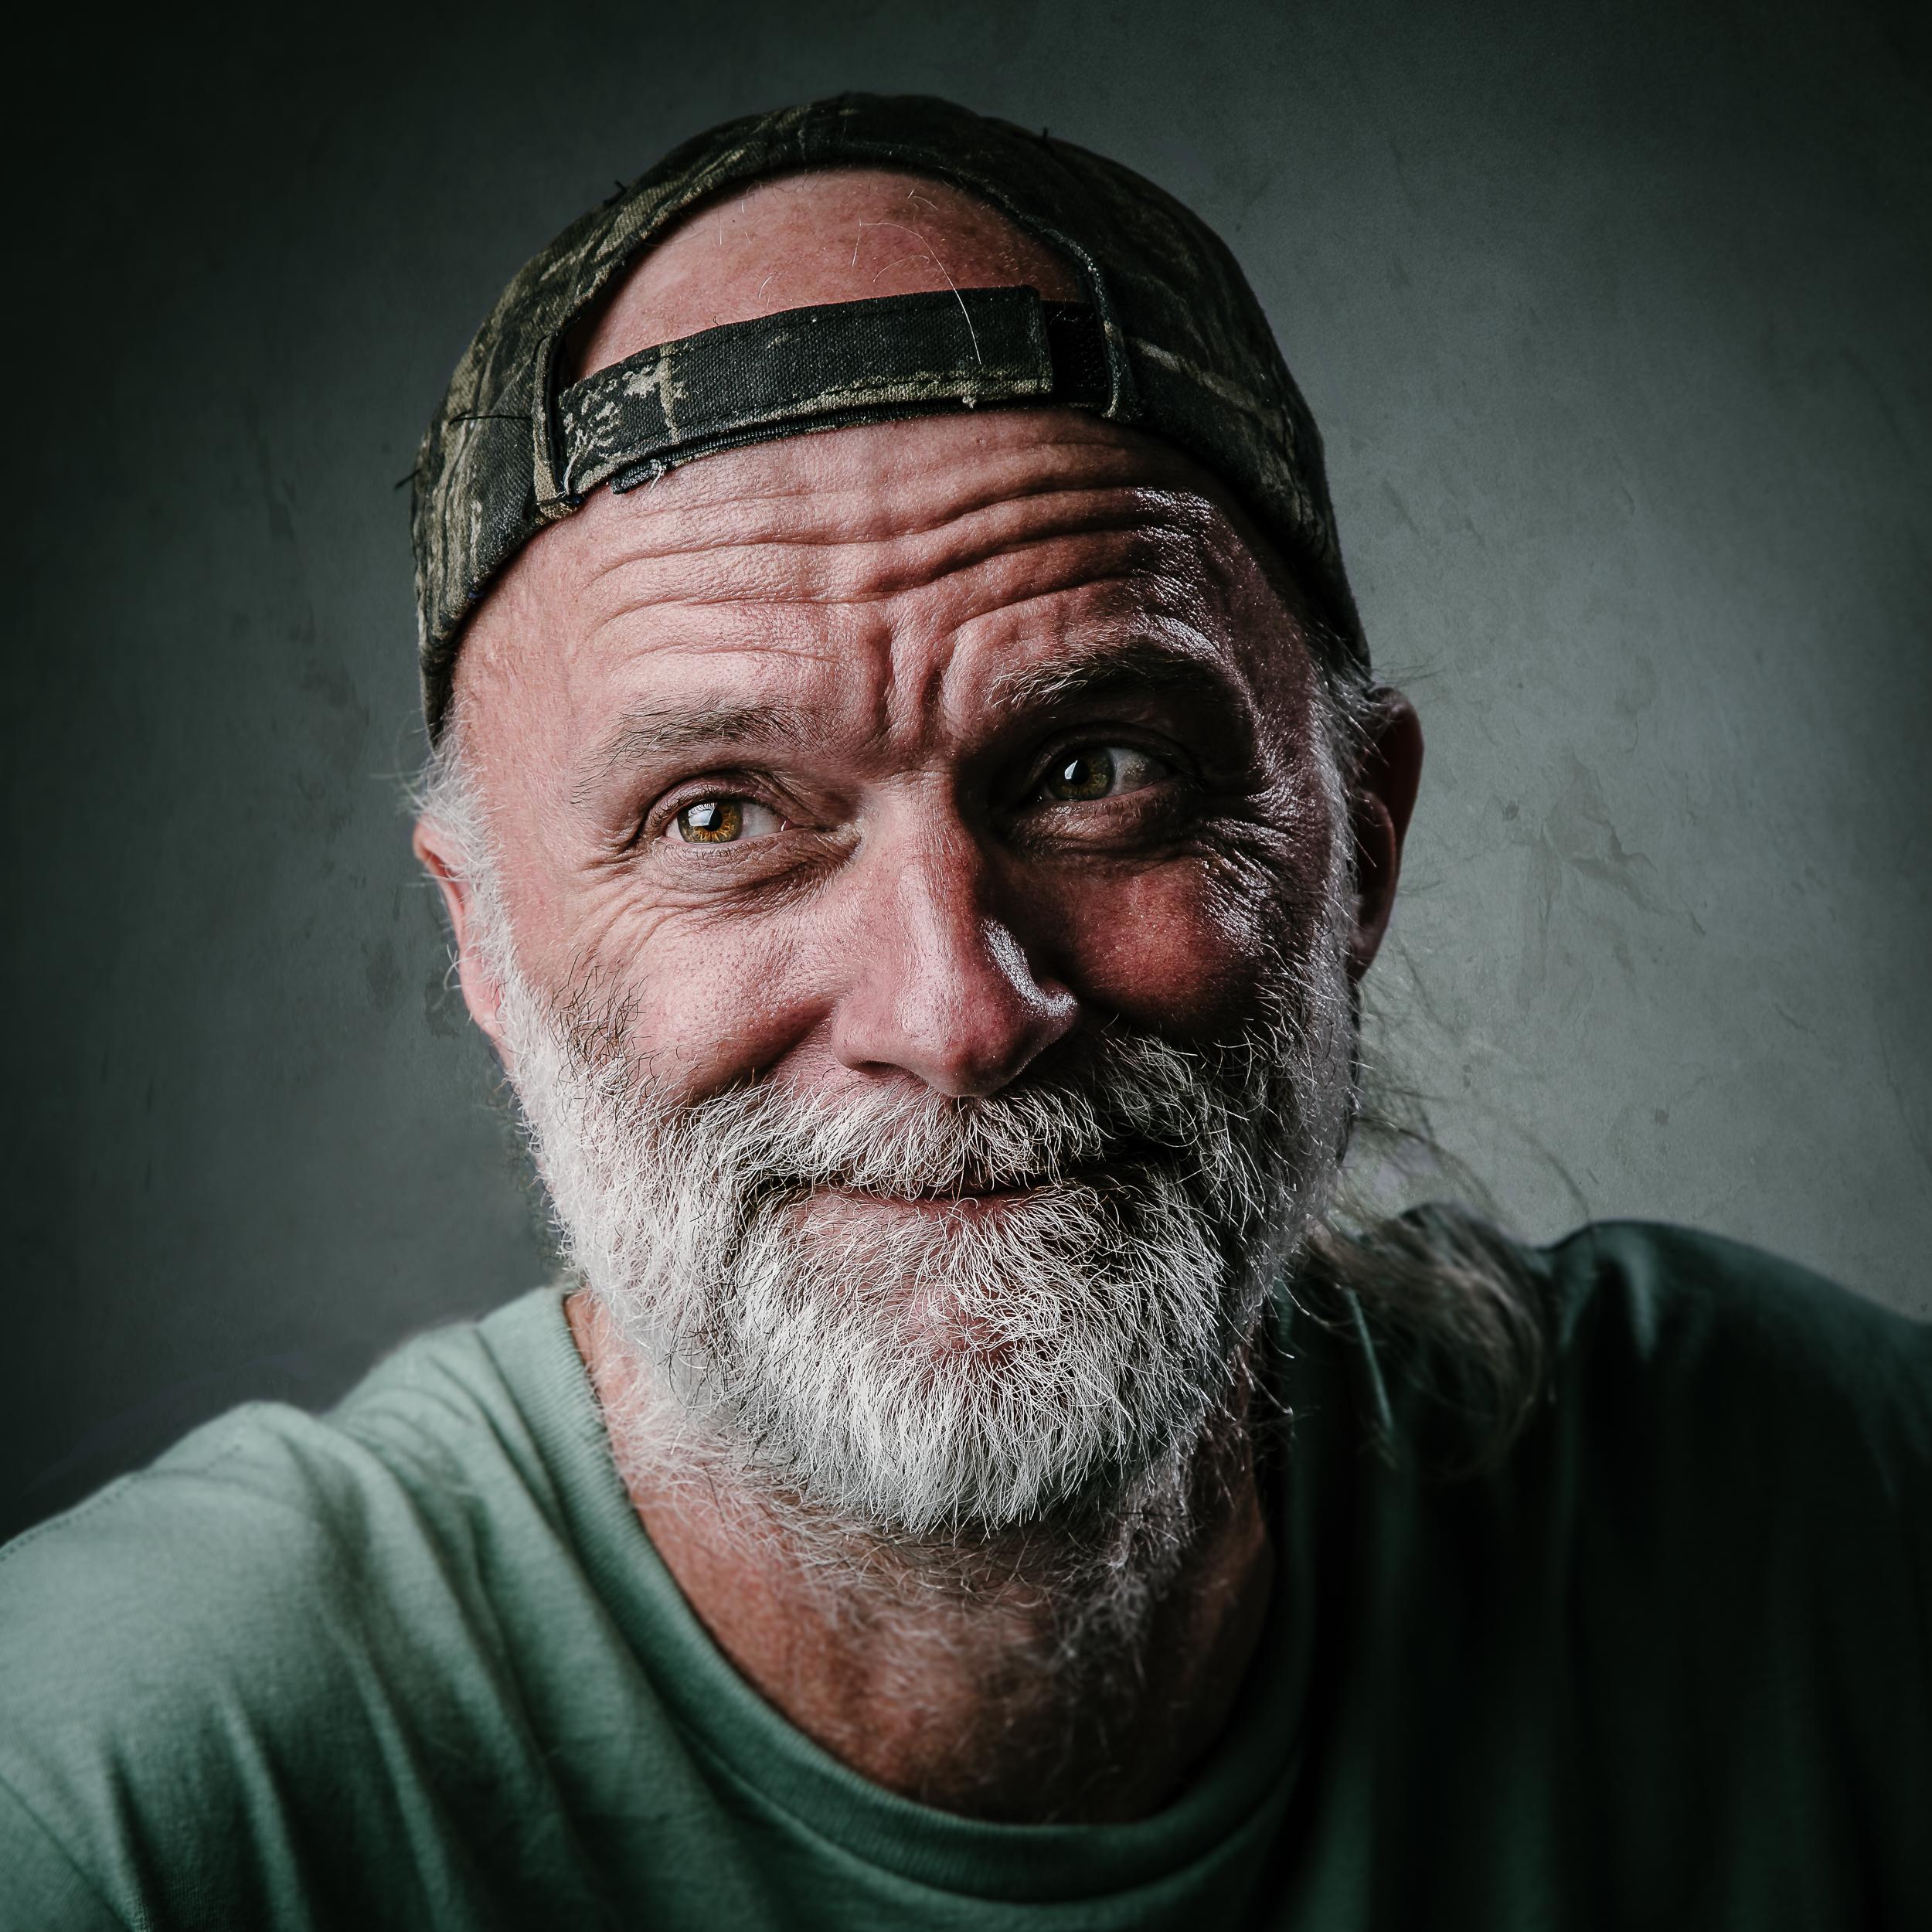 randy bacon, 7 billion ones, homeless, homelessness